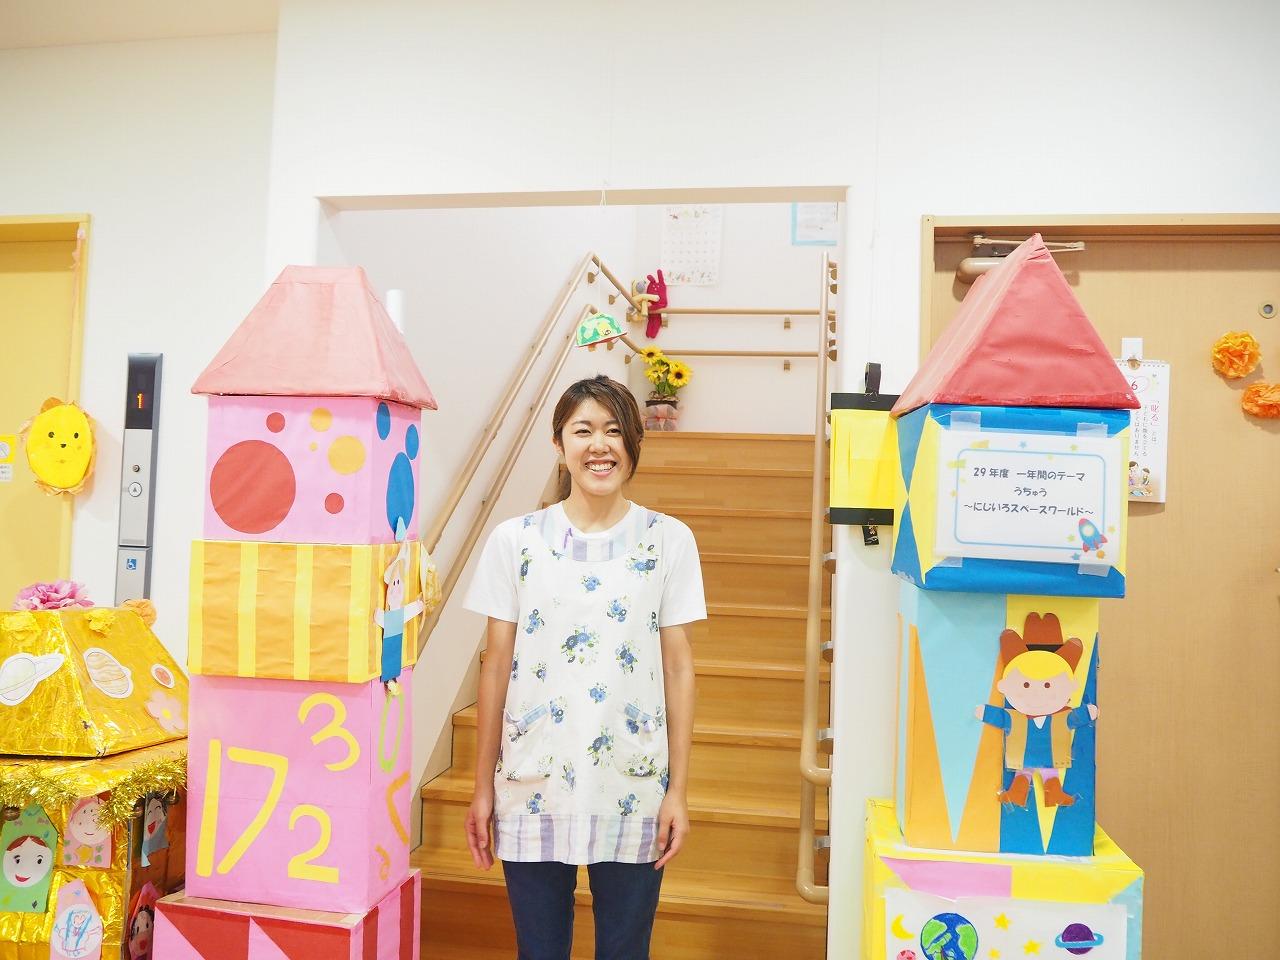 【園名:上堺保育所(正社員保育士)】シダックスグループが運営する、公設民営の保育園です。